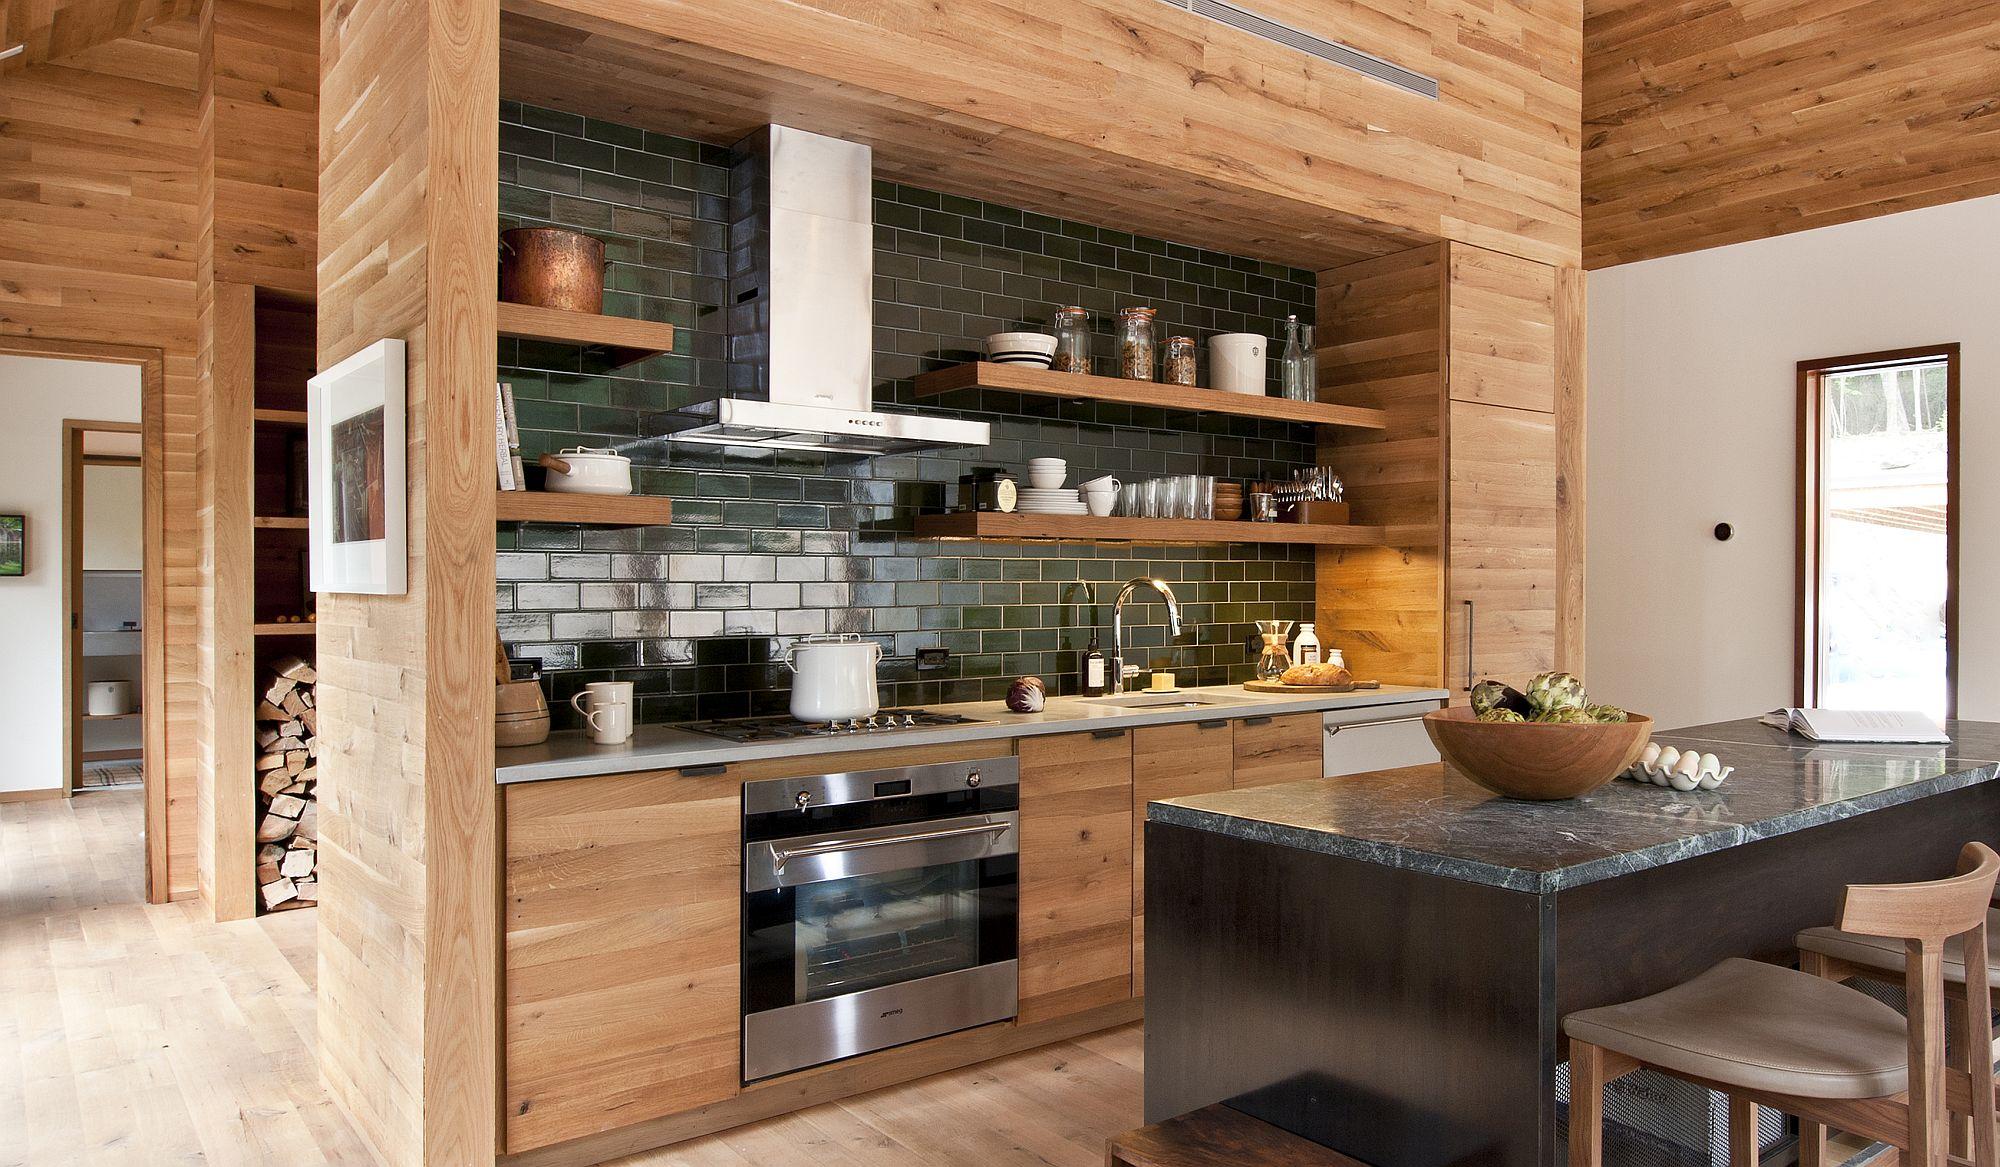 Black-tiled-backsplash-for-the-kitchen-draped-in-wood